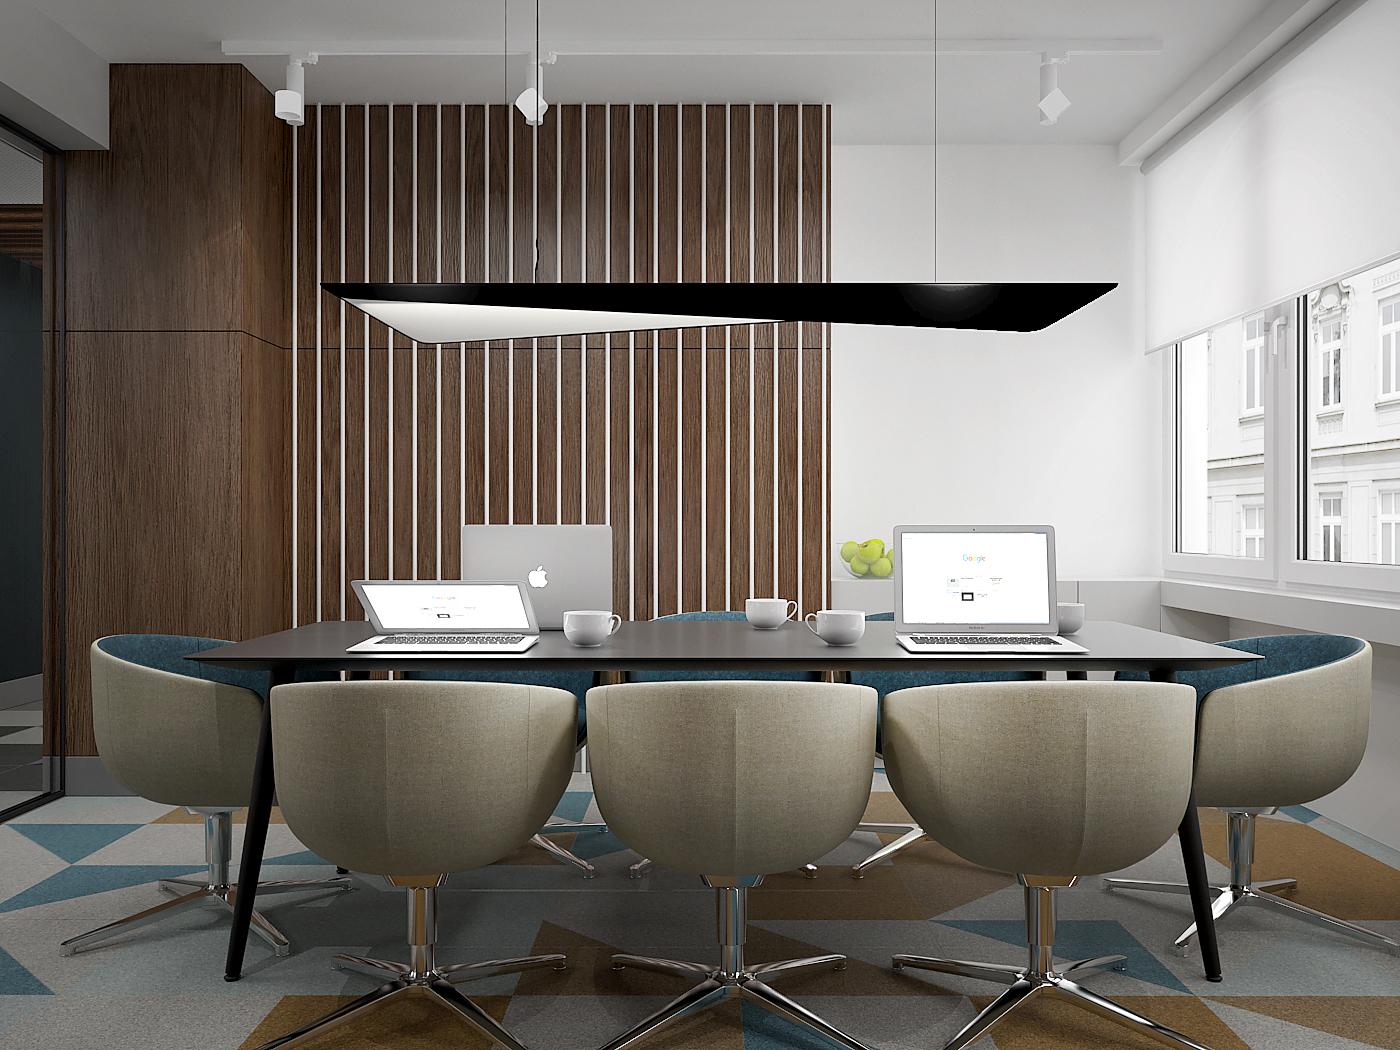 3 projekt biura B247 Kancelaria warszawa sala konferencyjna stol konferencyjny wygodne fotele wykladzina obiektowa plyta meblowa na scianie